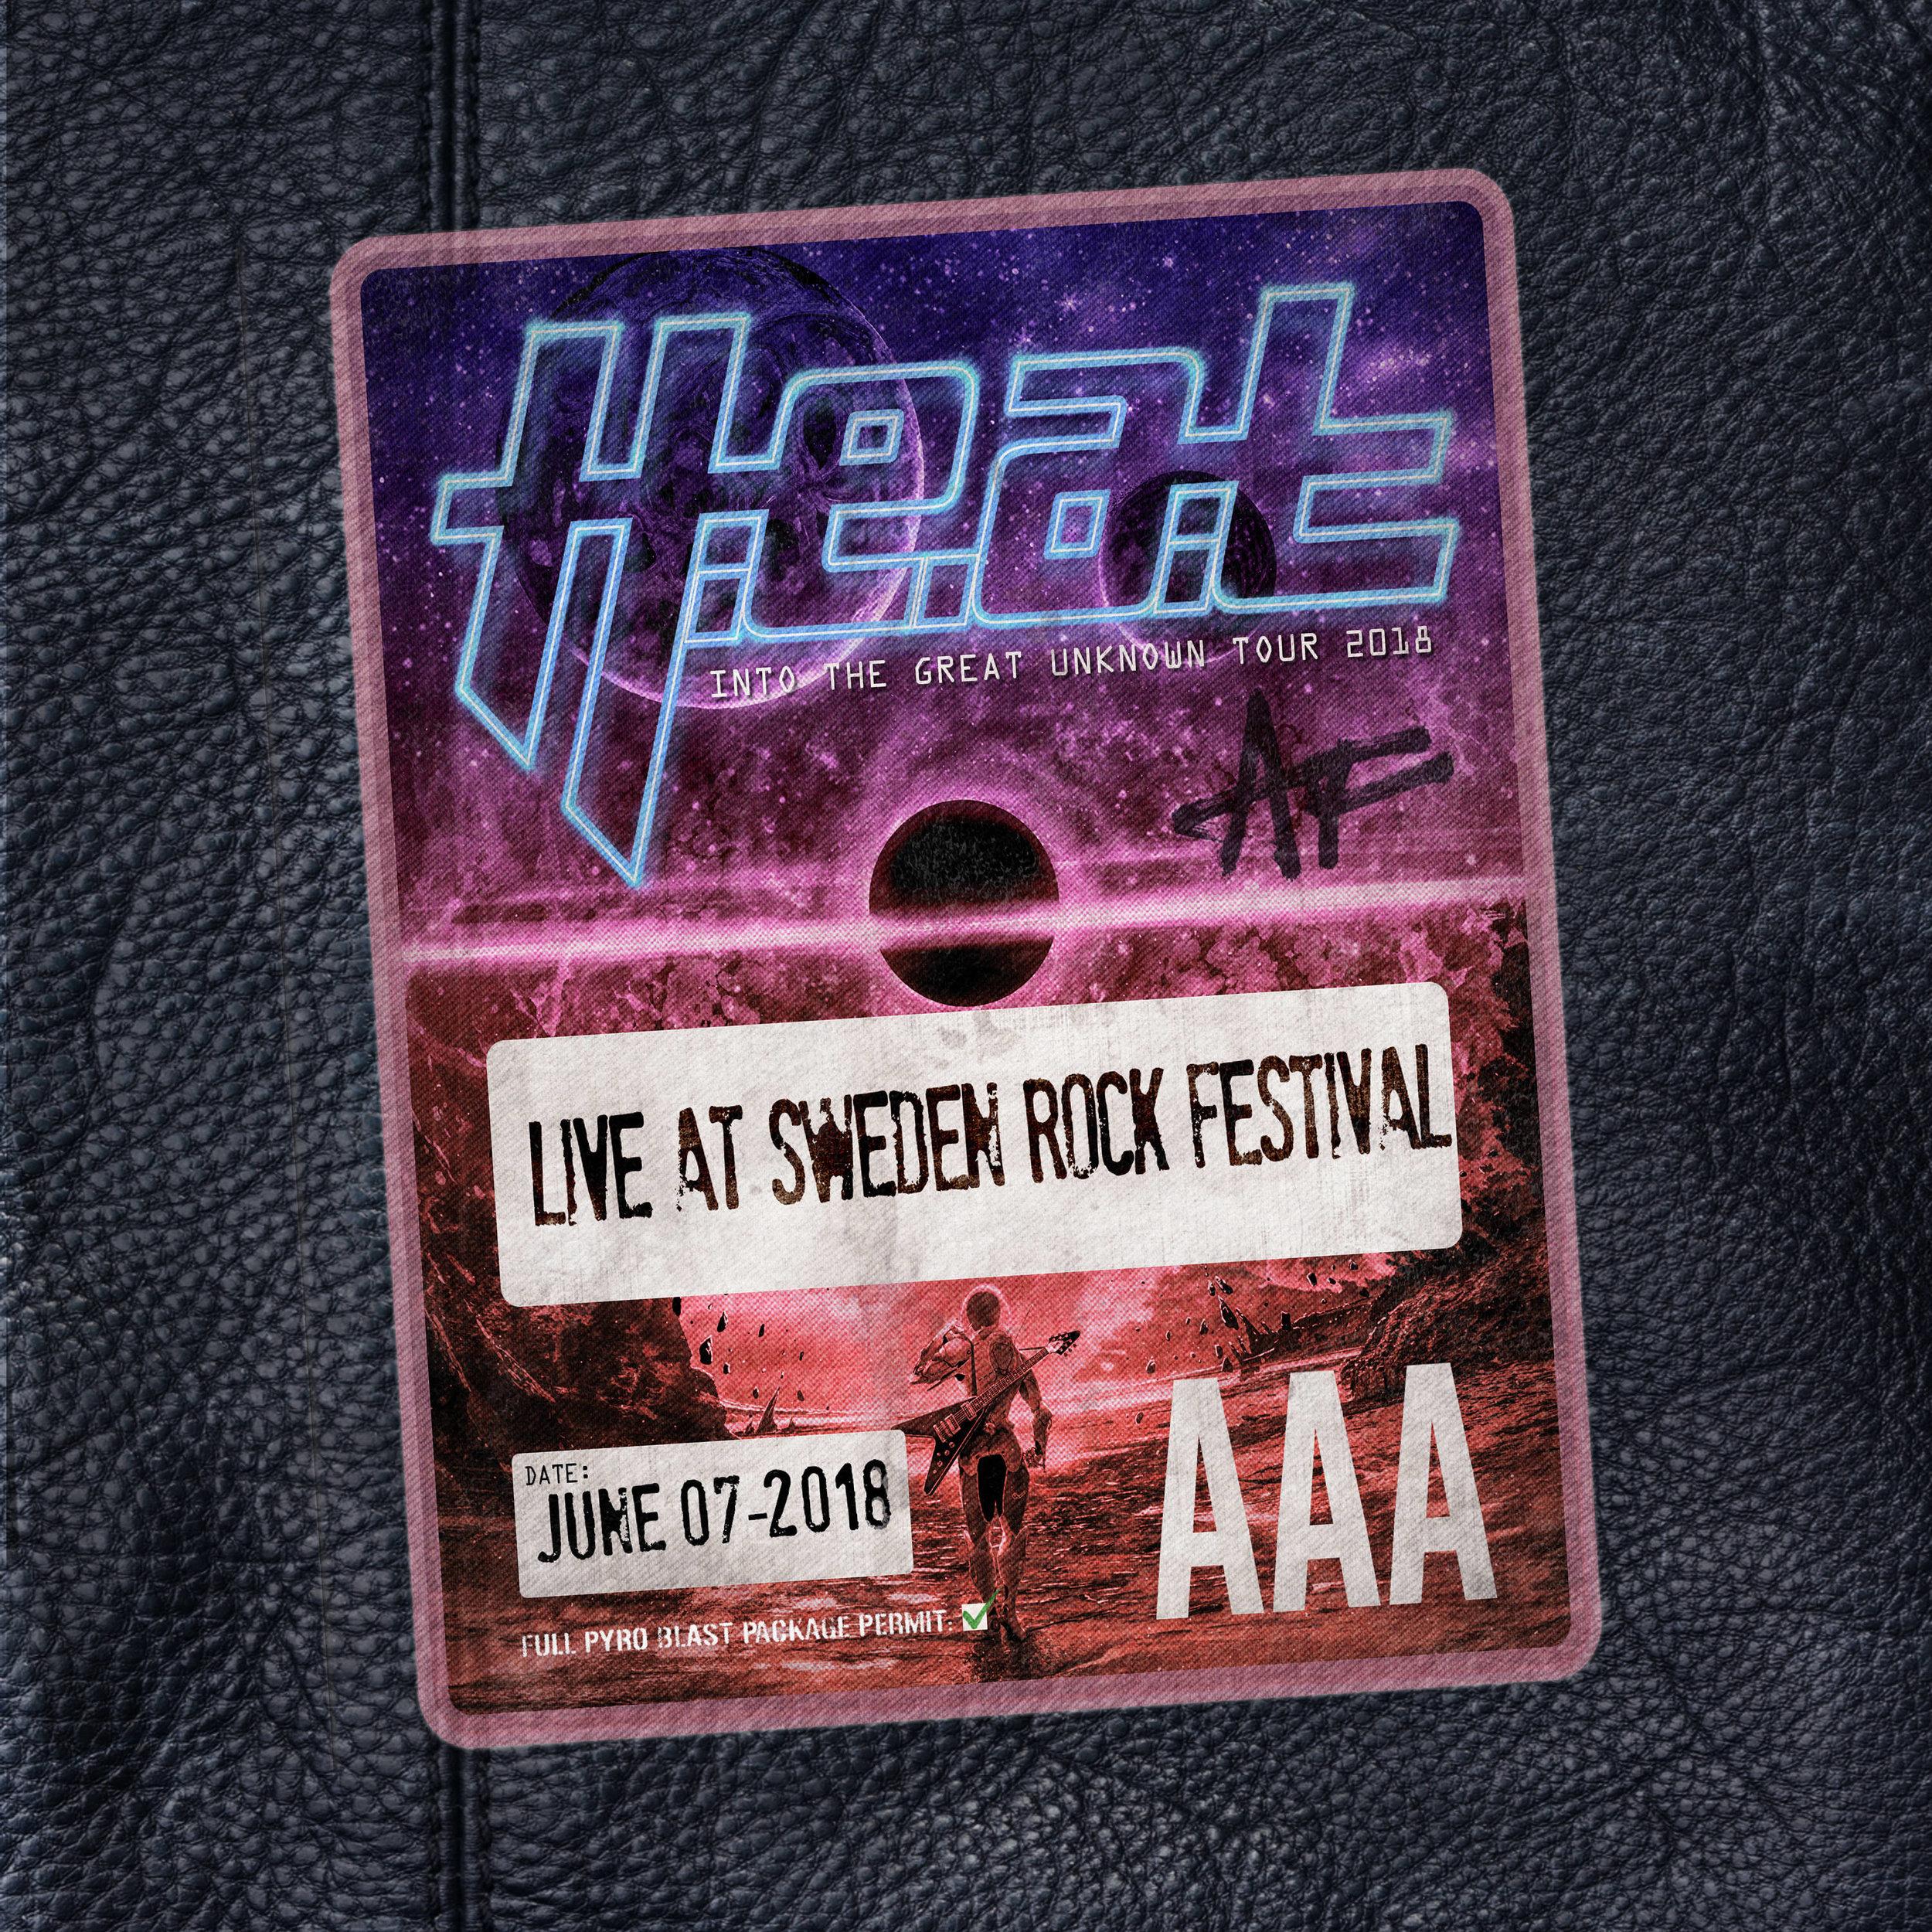 HEAT_Live At Sweden Rock Festival_cover_3000x3000._medjpg.jpg